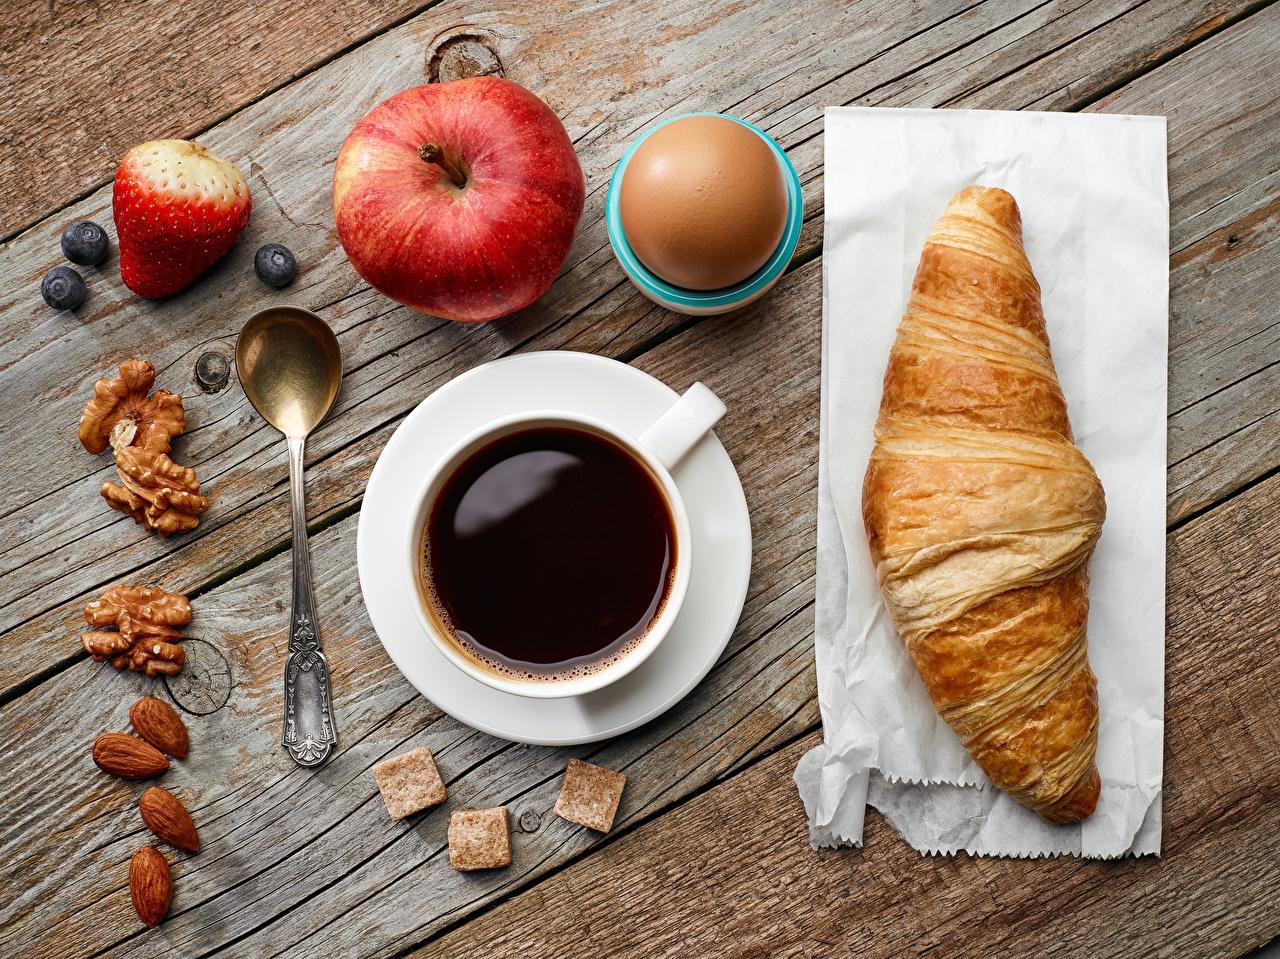 Обои Кофе Круассан Яблоки Еда Чашка Ложка Доски Пища чашке ложки Продукты питания